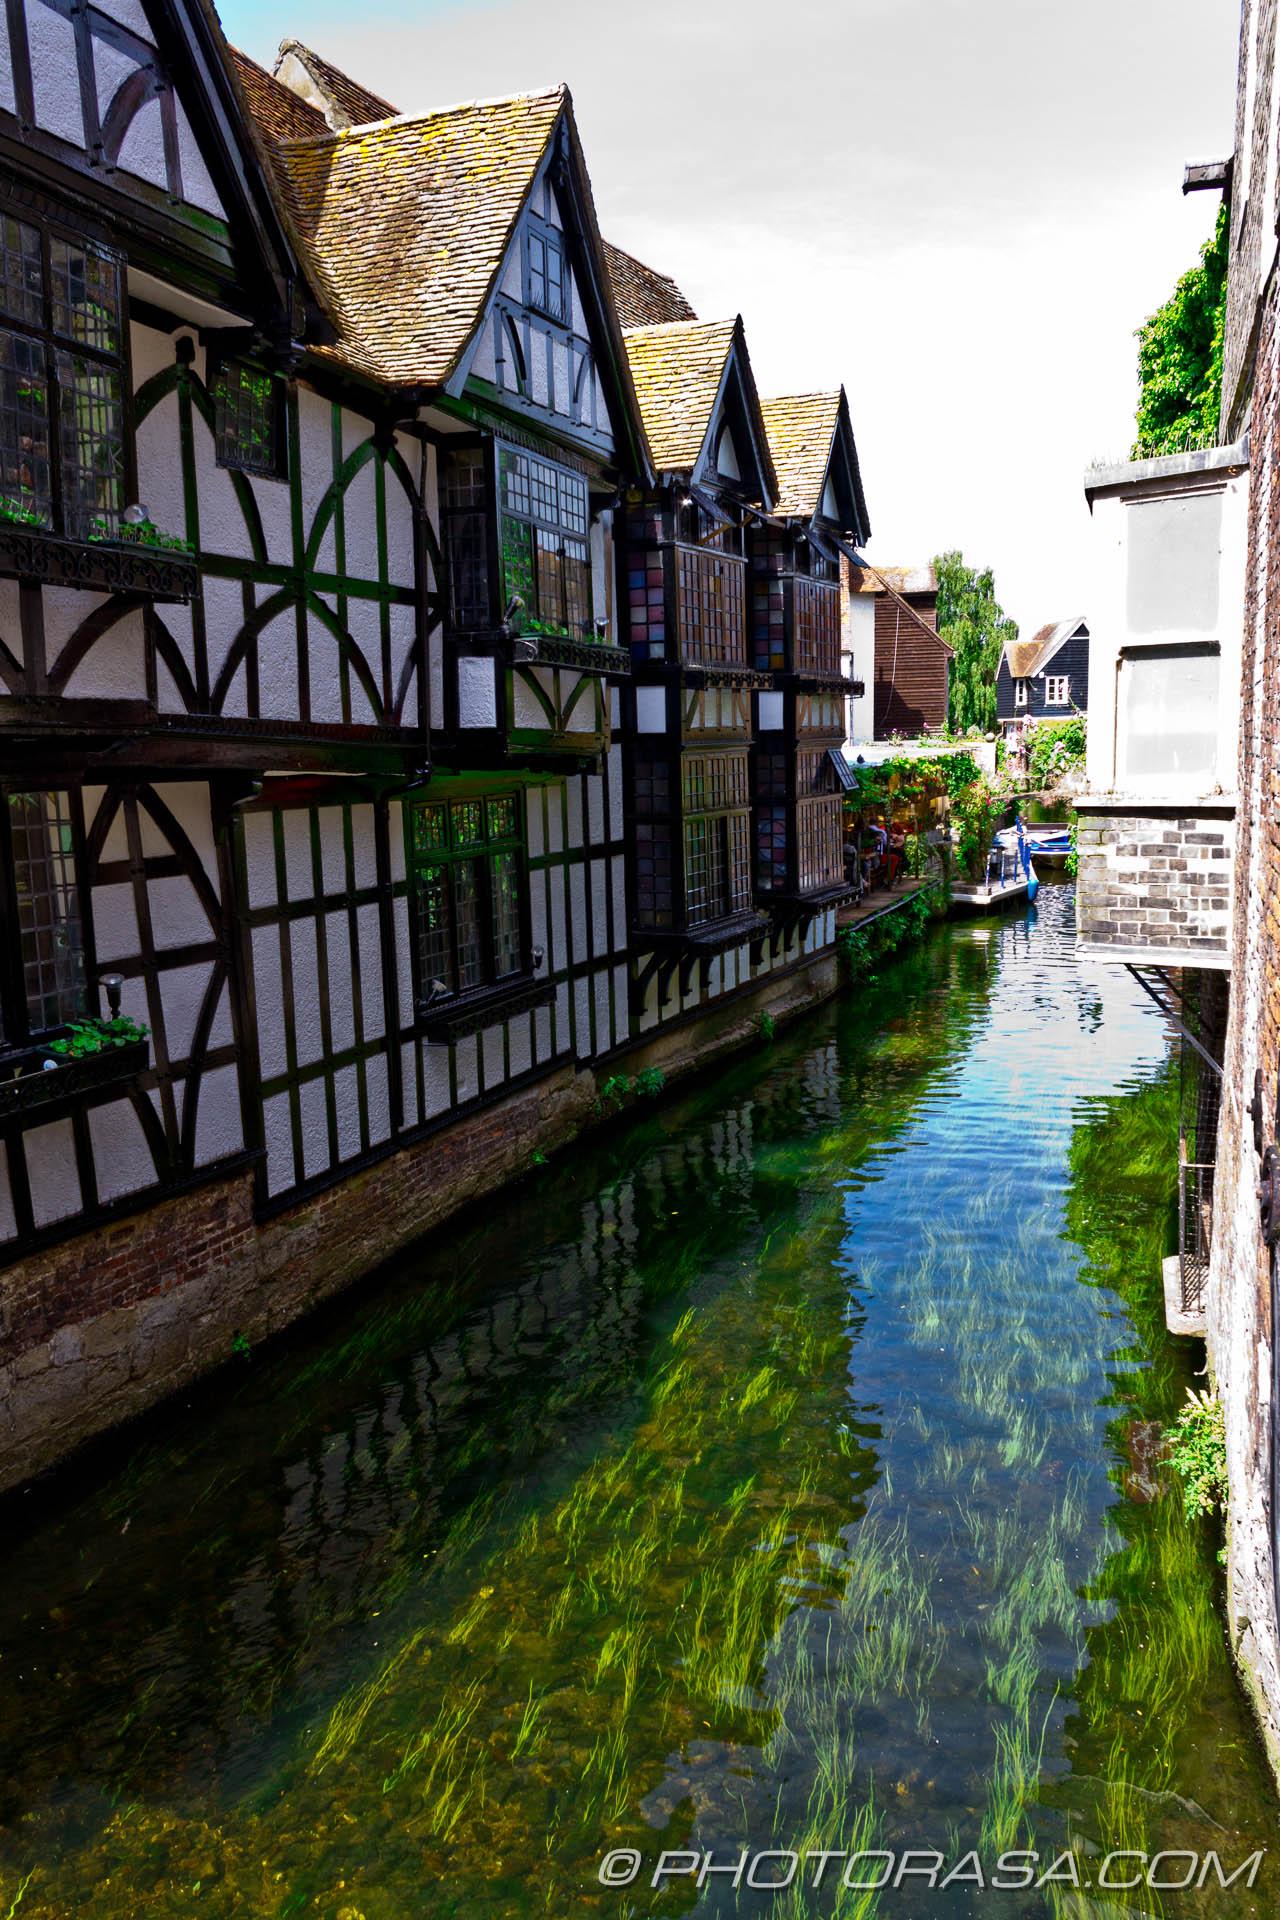 http://photorasa.com/canterbury-trip/canterbury-canal/